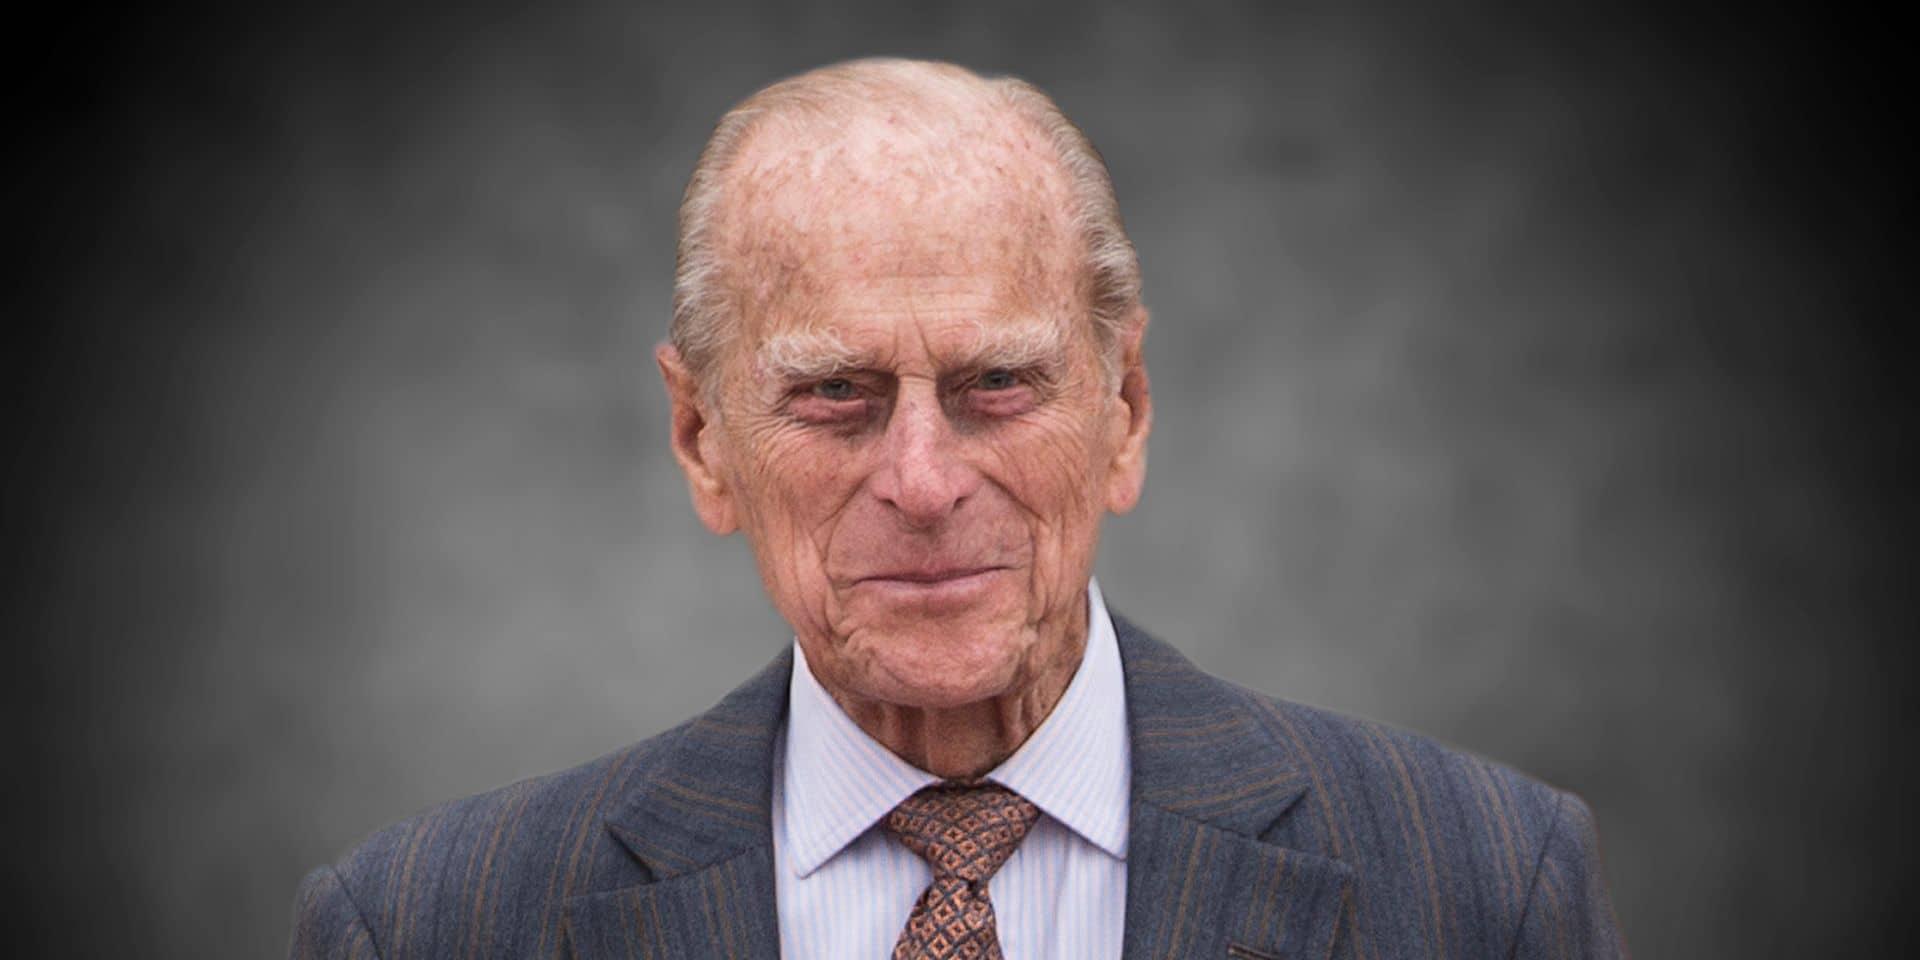 Les funérailles du prince Philip auront lieu samedi prochain au château de Windsor, avec Harry mais sans Meghan